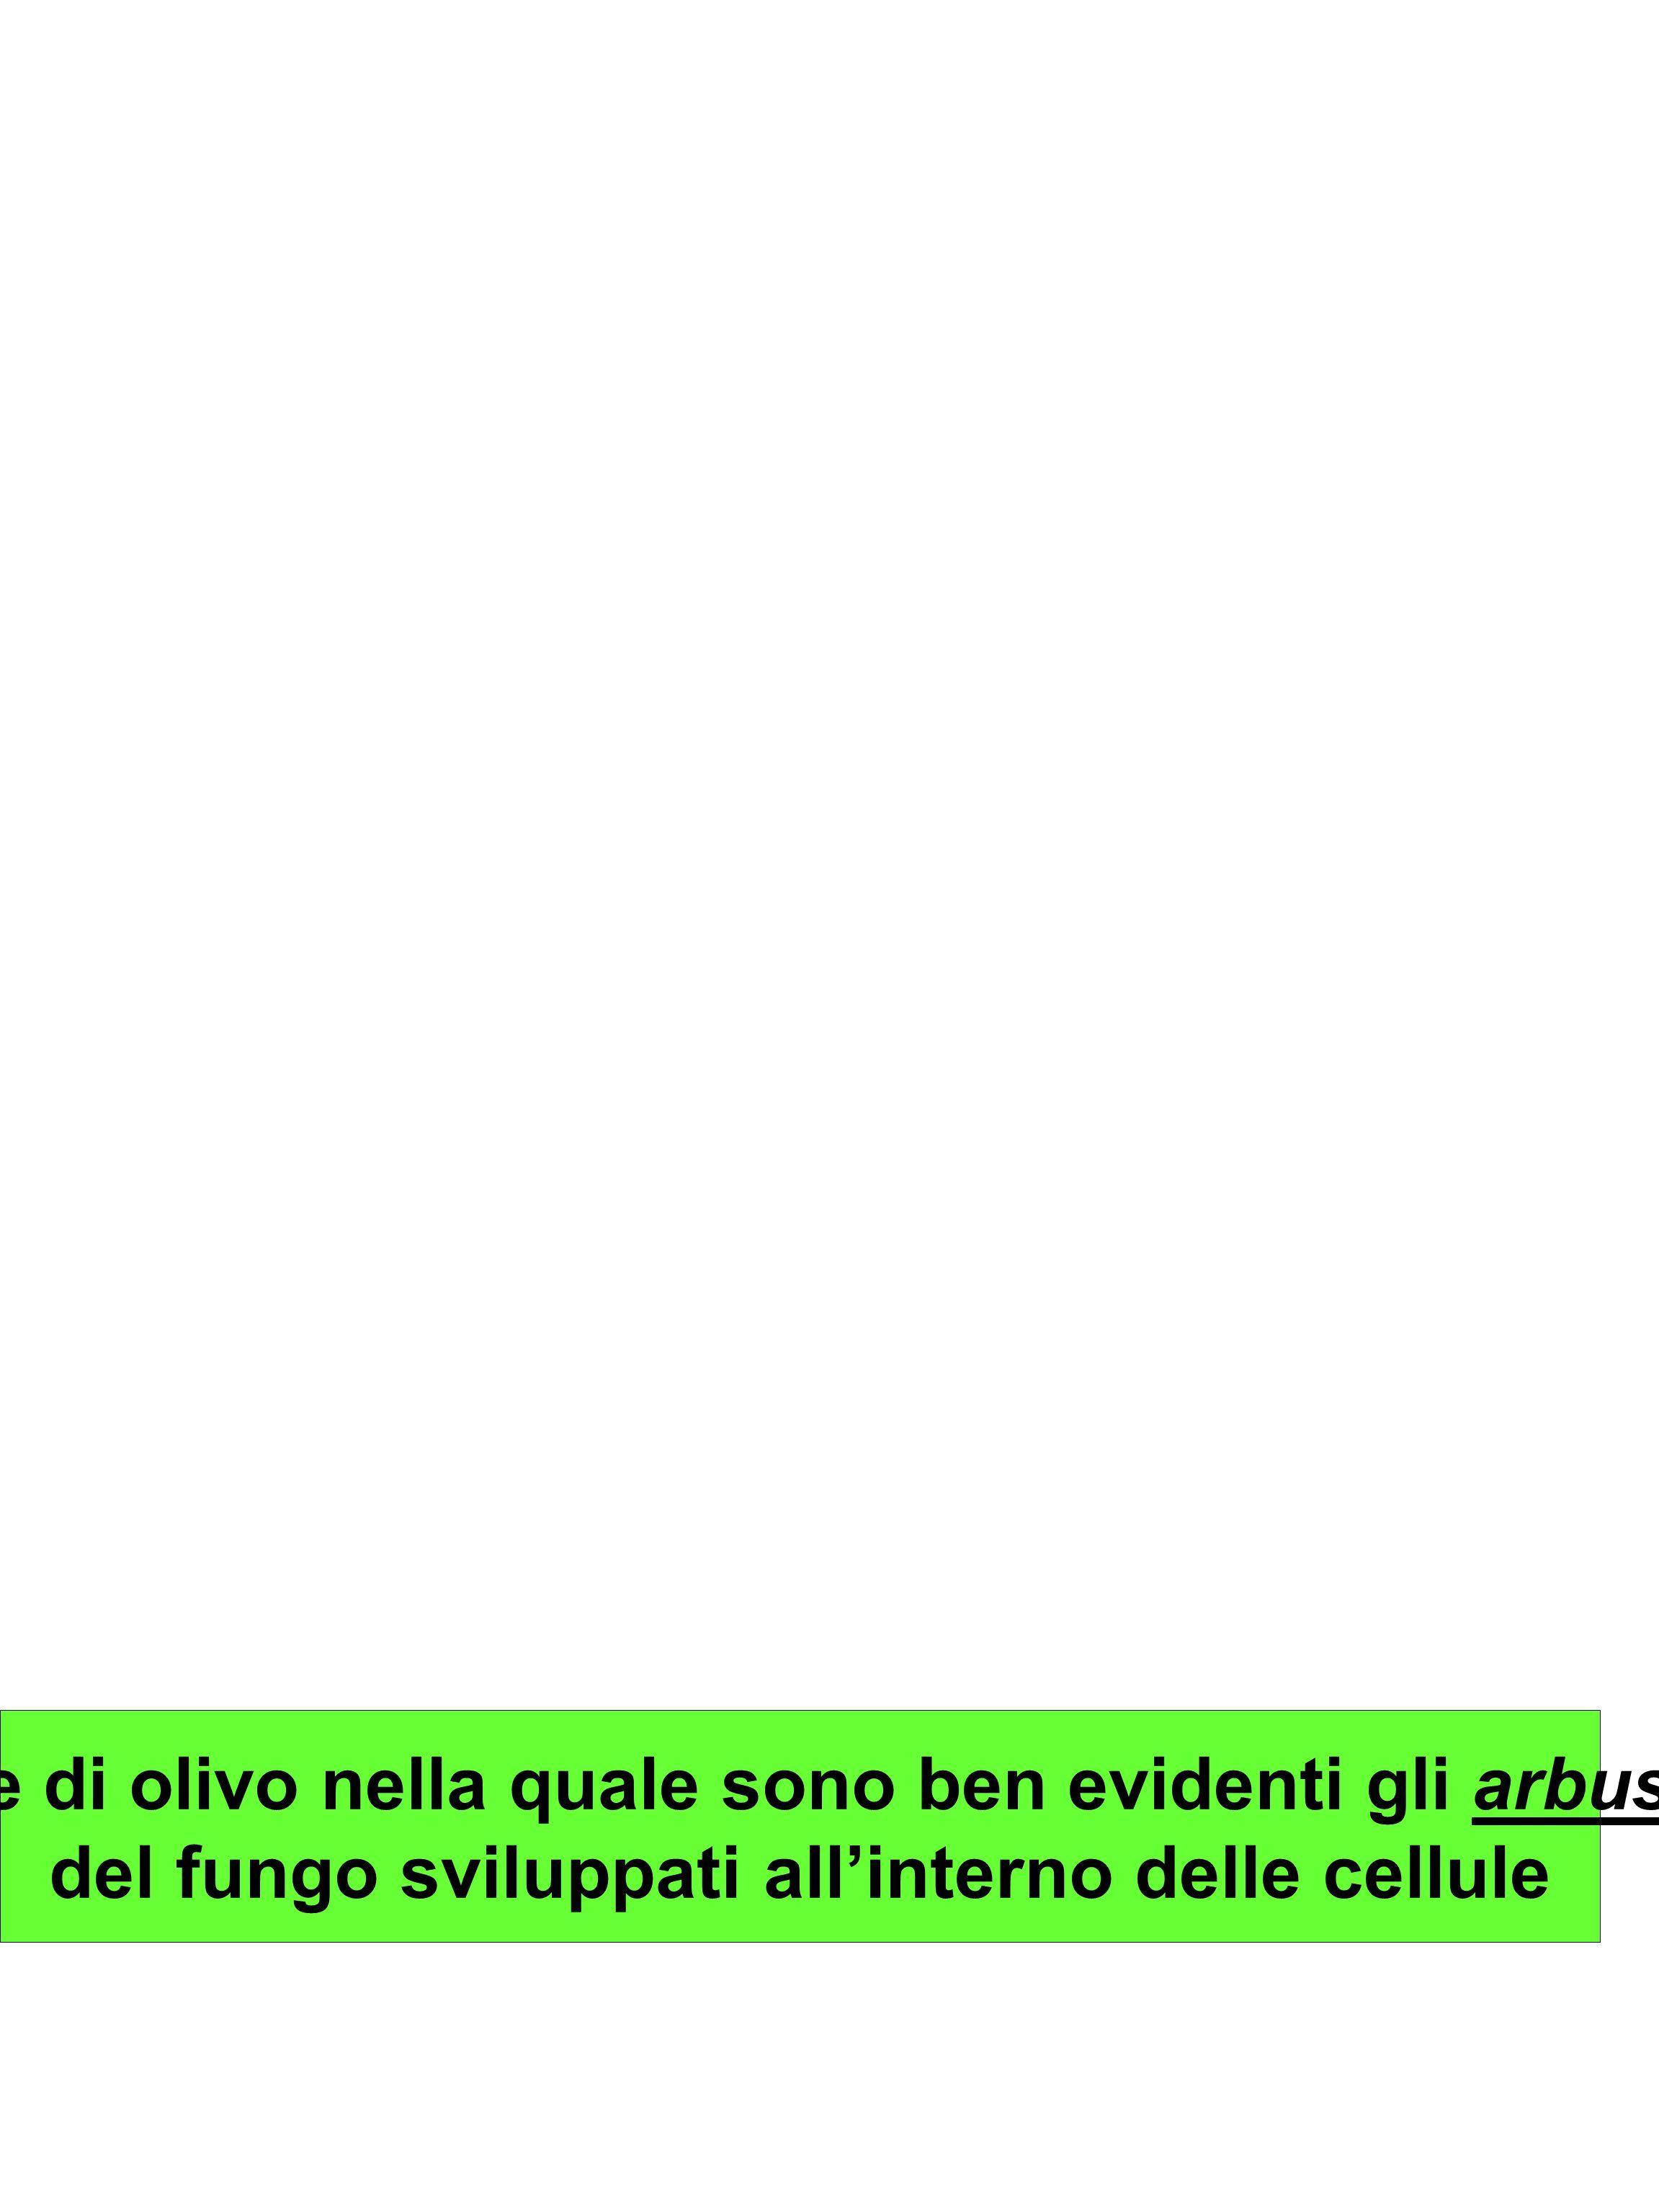 Radice di olivo nella quale sono ben evidenti gli arbuscoli